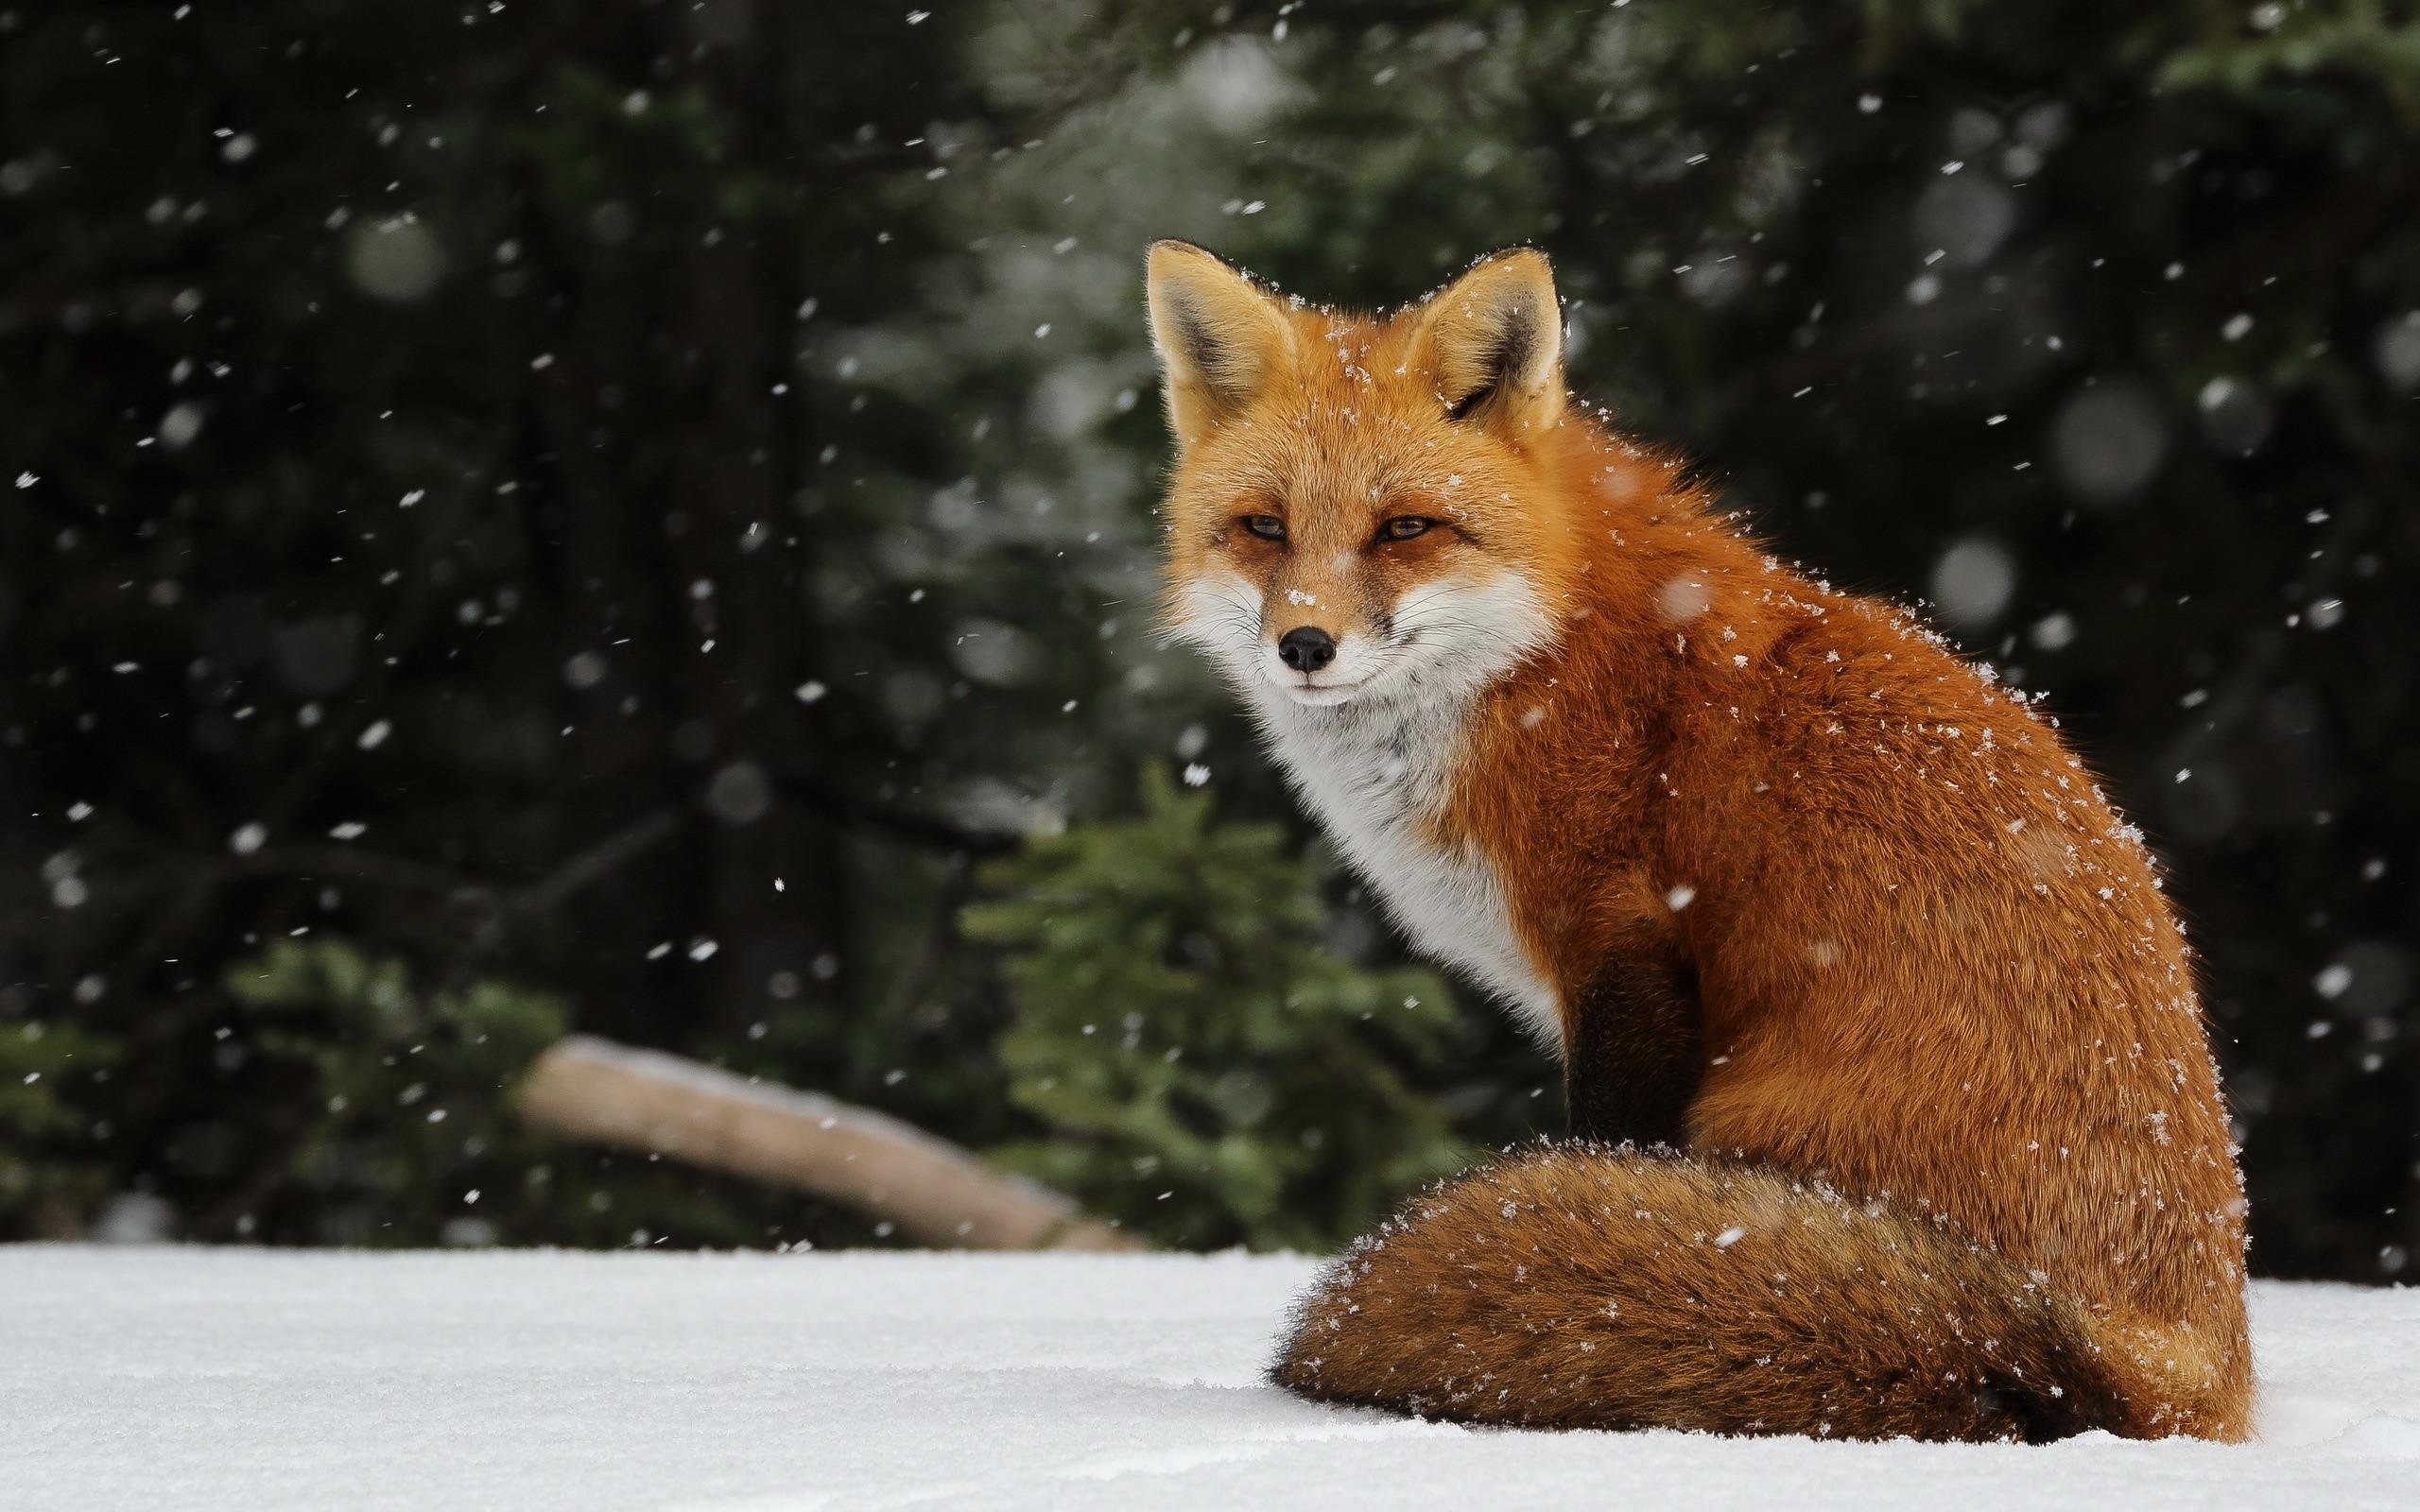 Animal winter desktop wallpaper 59 images - Fox desktop background ...